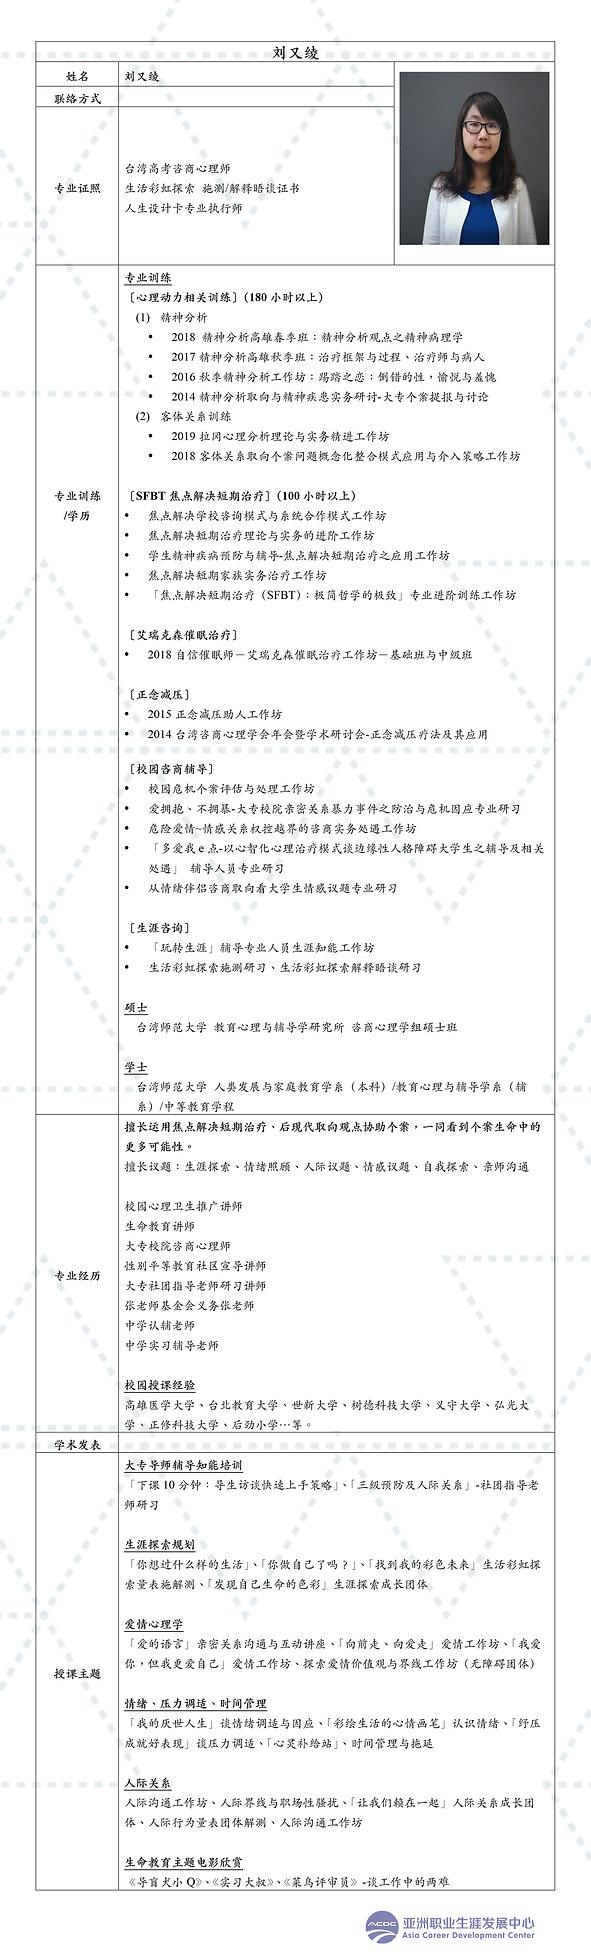 _刘又绫_咨詢師简历.jpg